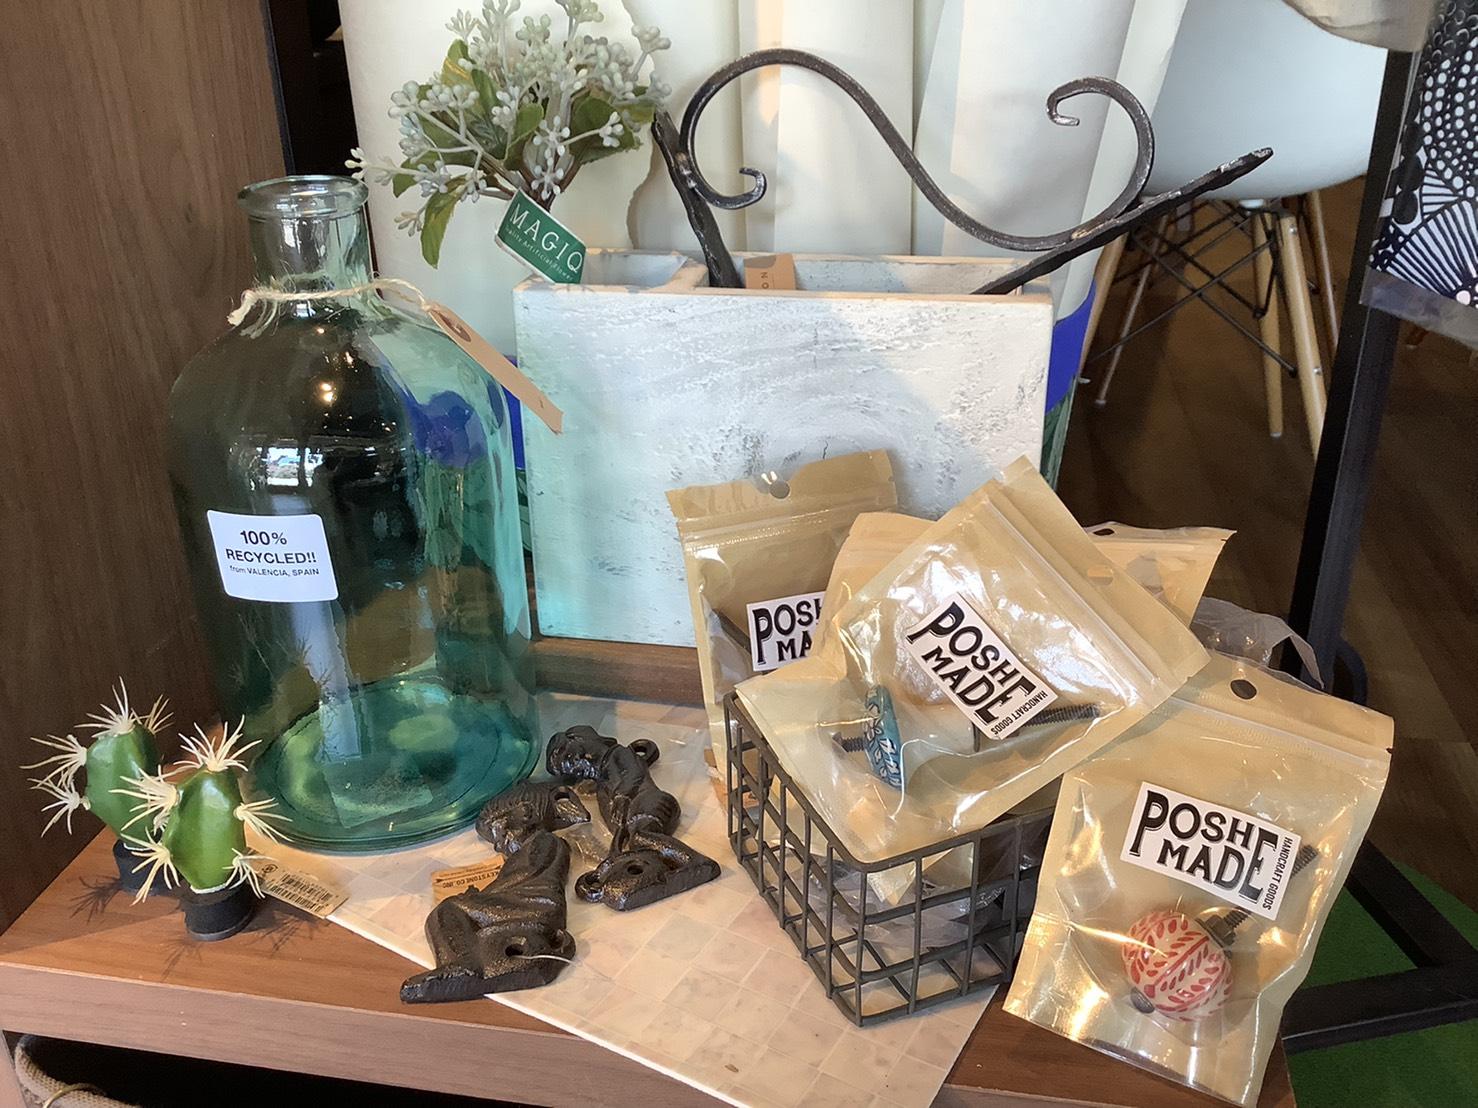 お店に置いてあるものは全て商品です。何気無い瓶でもおしゃれになったり、インテリアコーディネーターが直感で仕入れた逸品もございます。